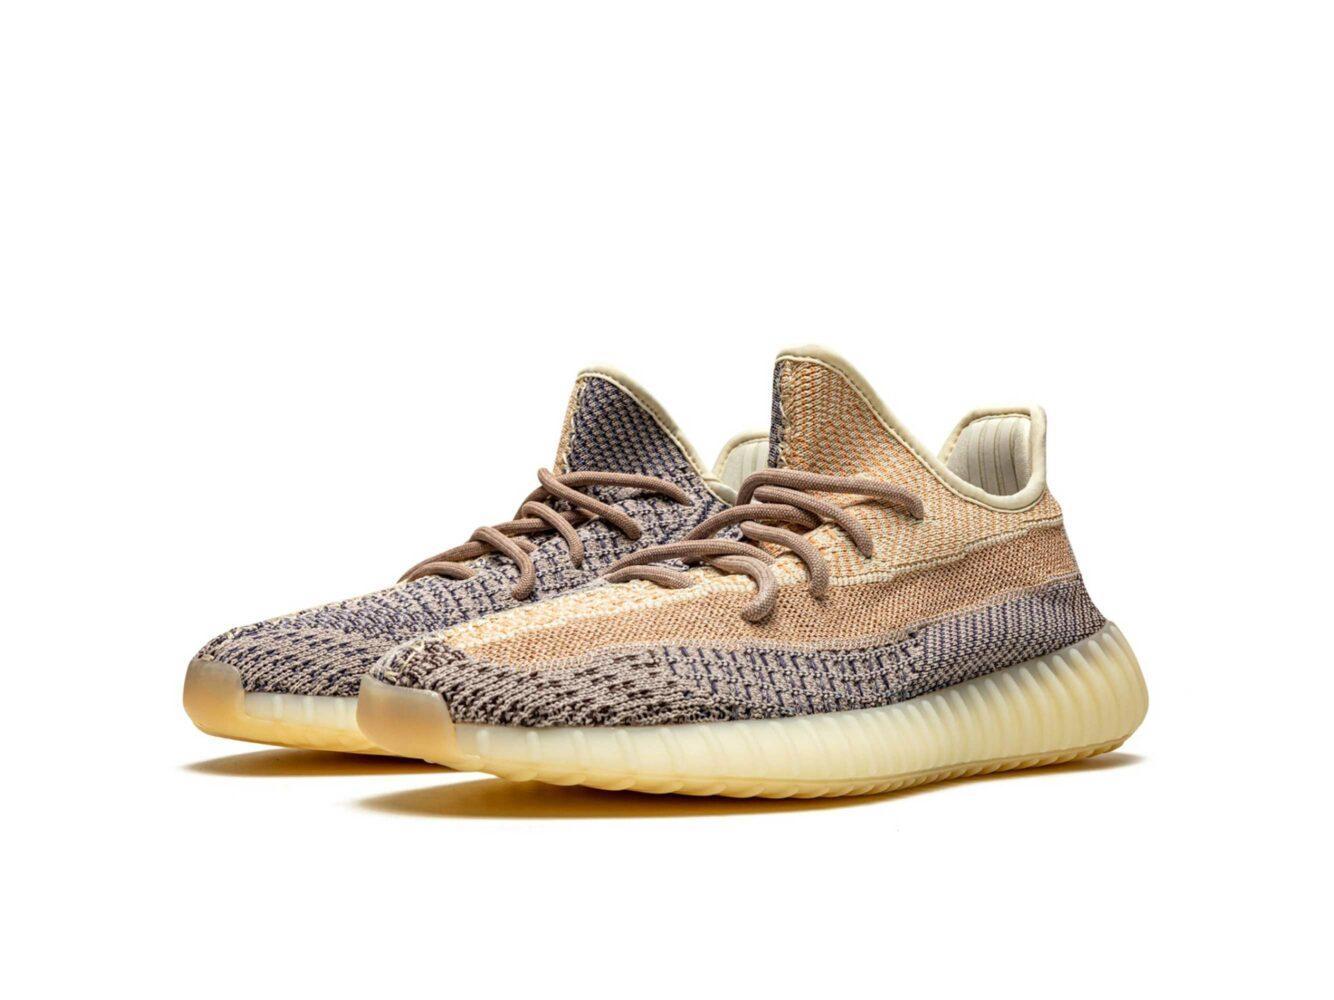 adidas yeezy boost 350 v2 ash pearl GY7658 купить